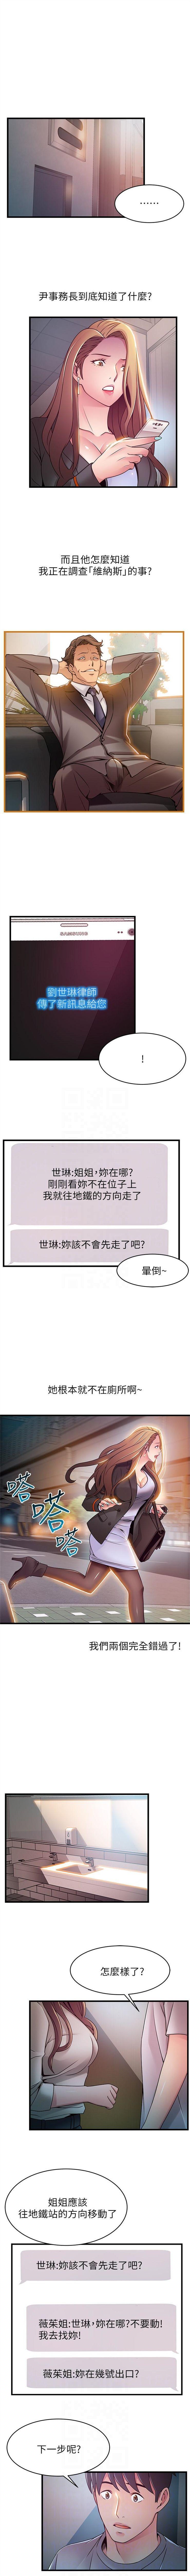 (週7)弱點 1-76 中文翻譯(更新中) 280